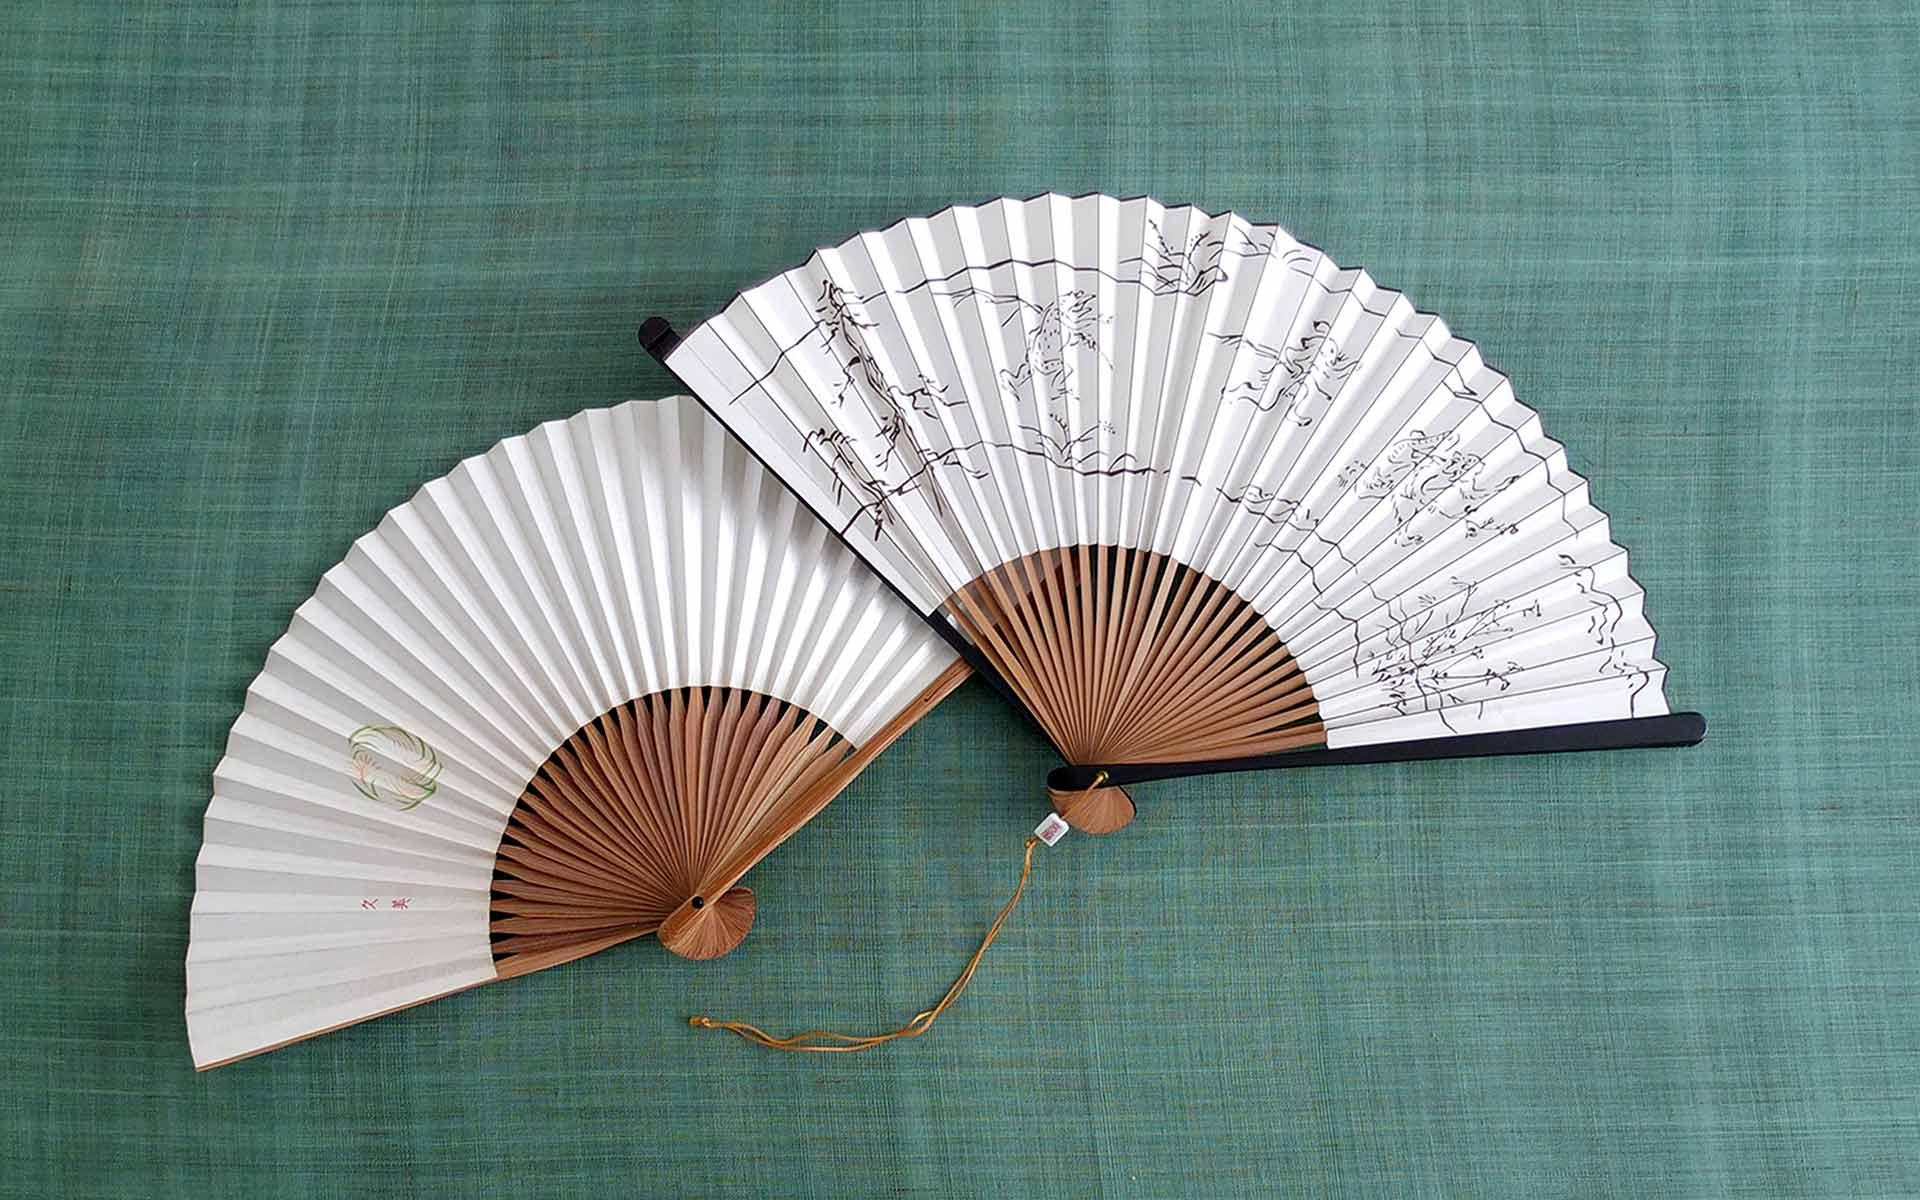 以前、細萱久美さんの記事で紹介された宮脇賣扇庵 (みやわきばいせんあん) さんは、まさに扇子発祥の地、京都で200年続く老舗です